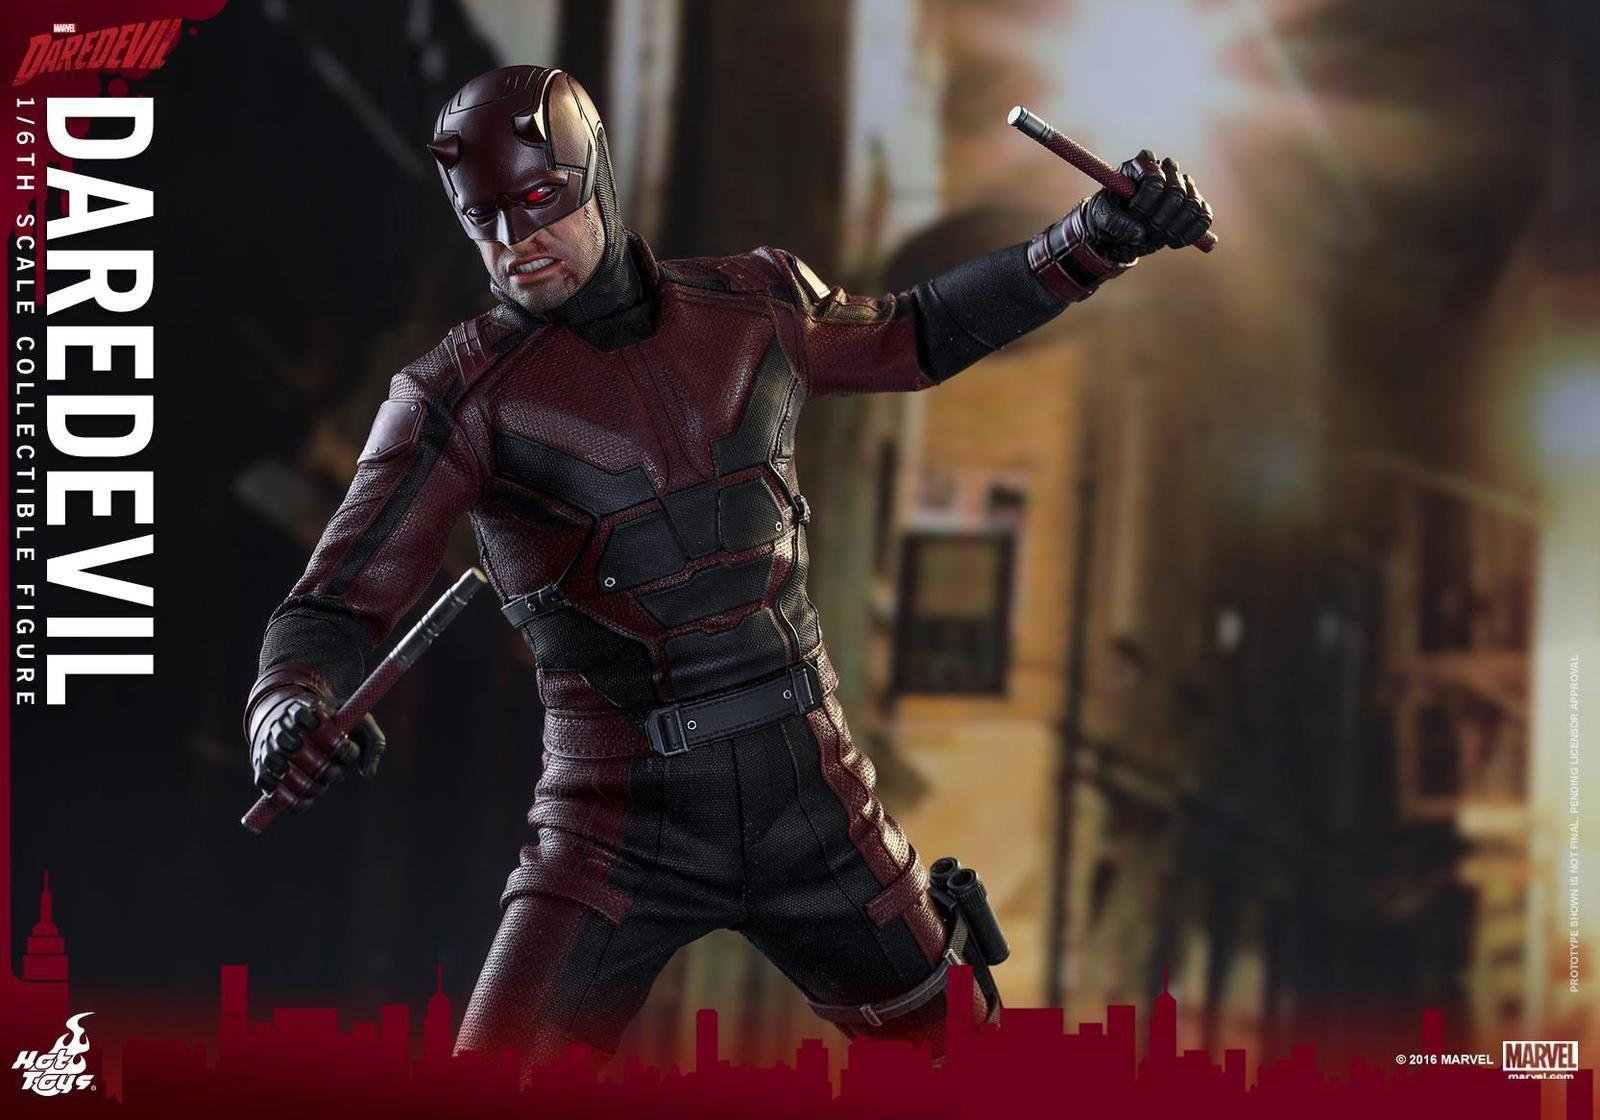 Voici la figurine de la série Daredevil diffusée sur Netflix et révélée par Hot Toys à l'échelle 1/6 avec beaucoup d'accessoires pour plus de réalisme.